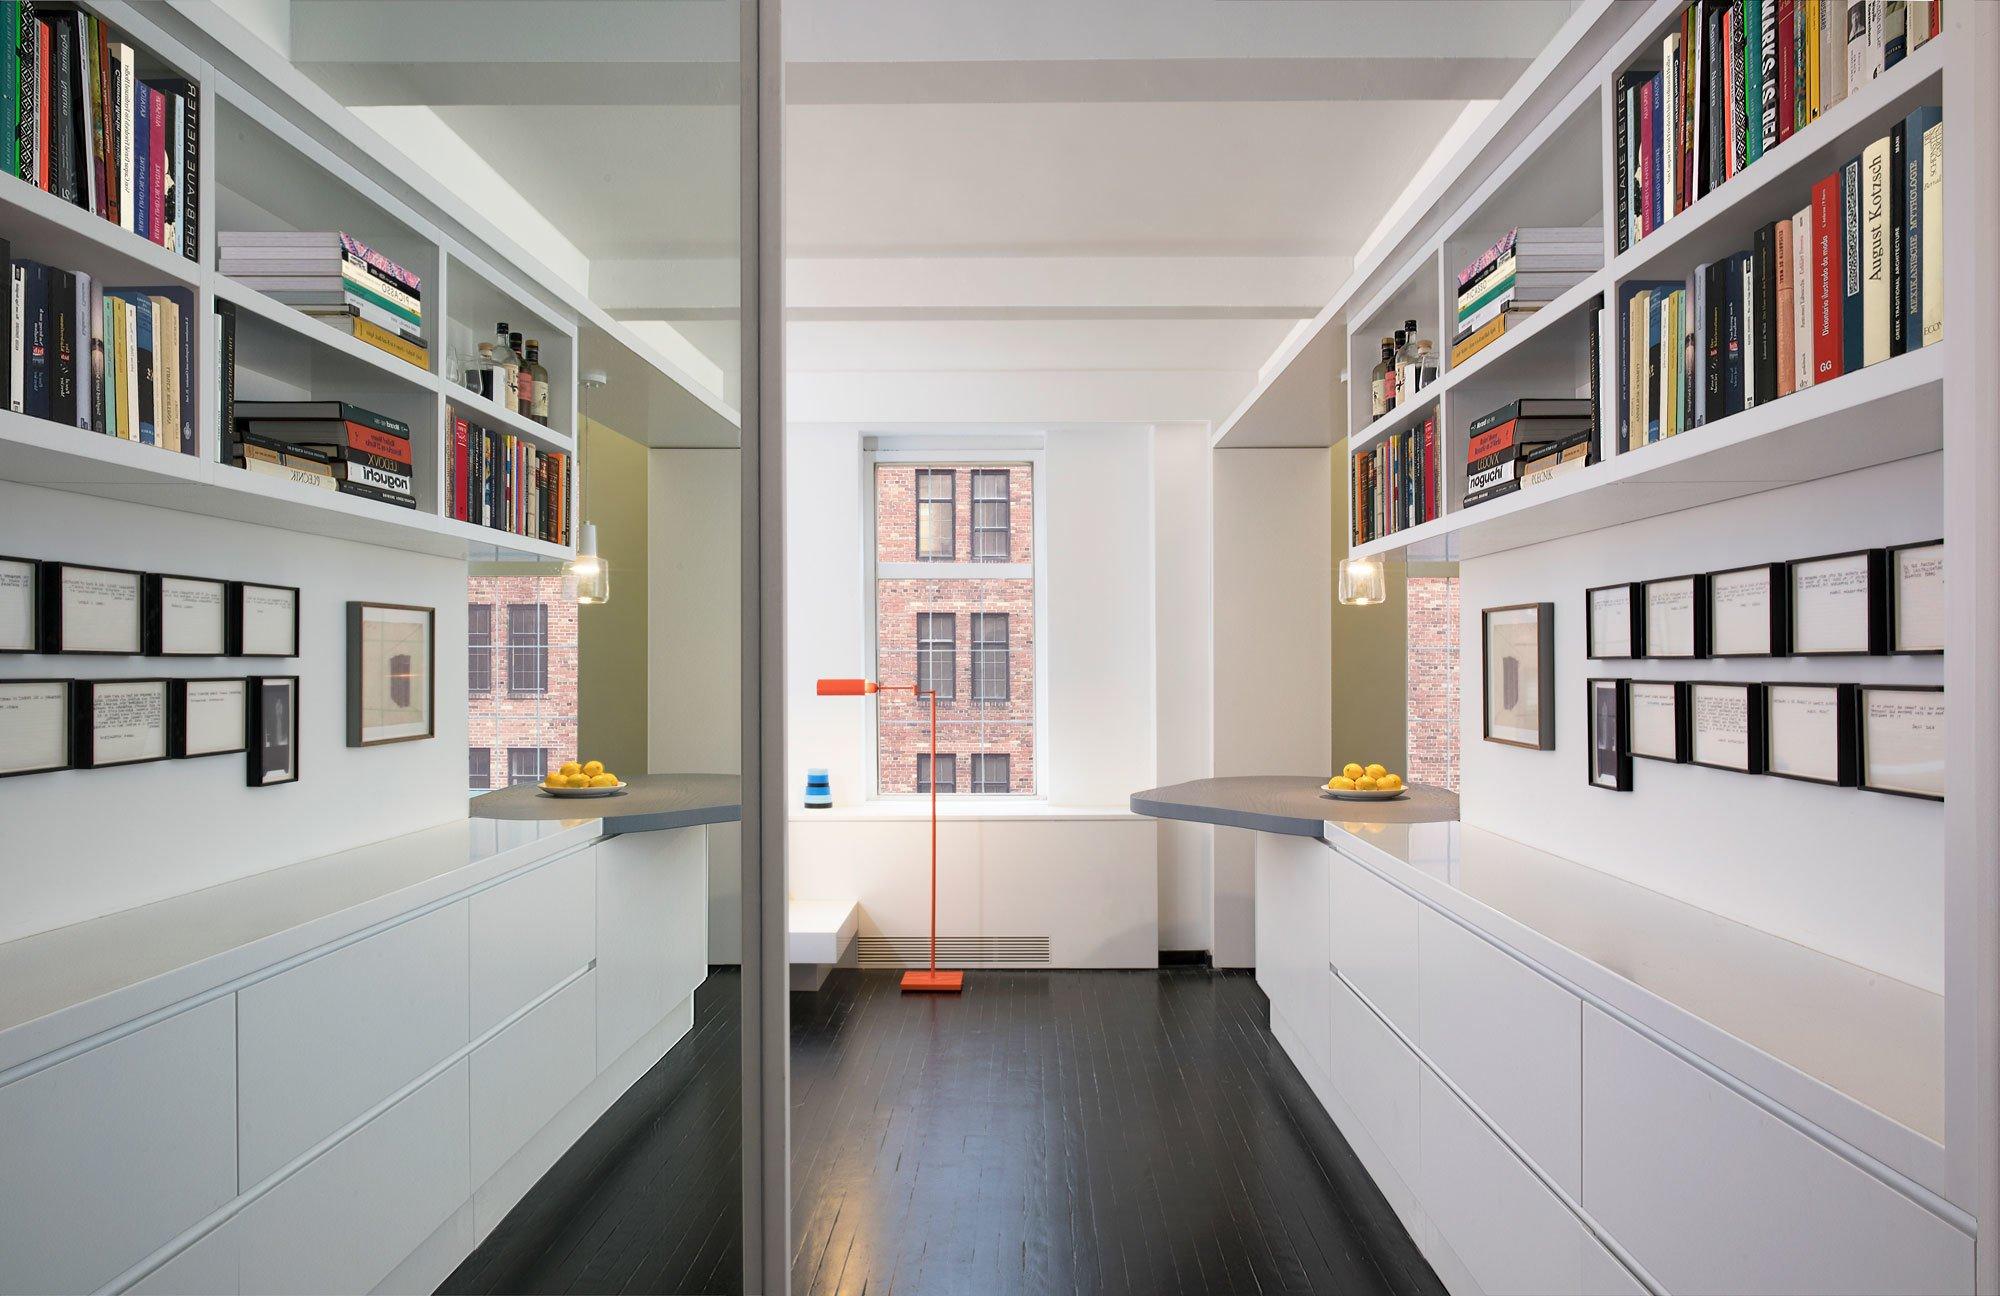 Für die Raumgestaltung hatten die beiden Architekten Daniel Schütz und Georg Windeck diverse Inspirationsquellen.